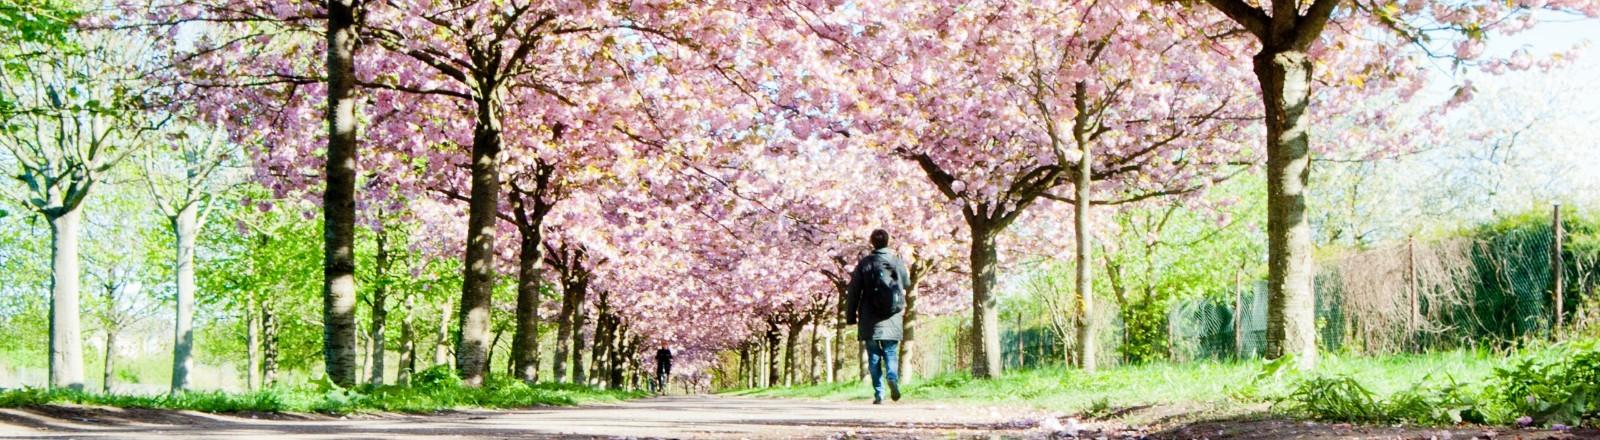 Eine Frau geht am 16.04.2014 in Berlin (Prenzlauer Berg) durch eine Allee blühender japanischer Blütenkirschen.